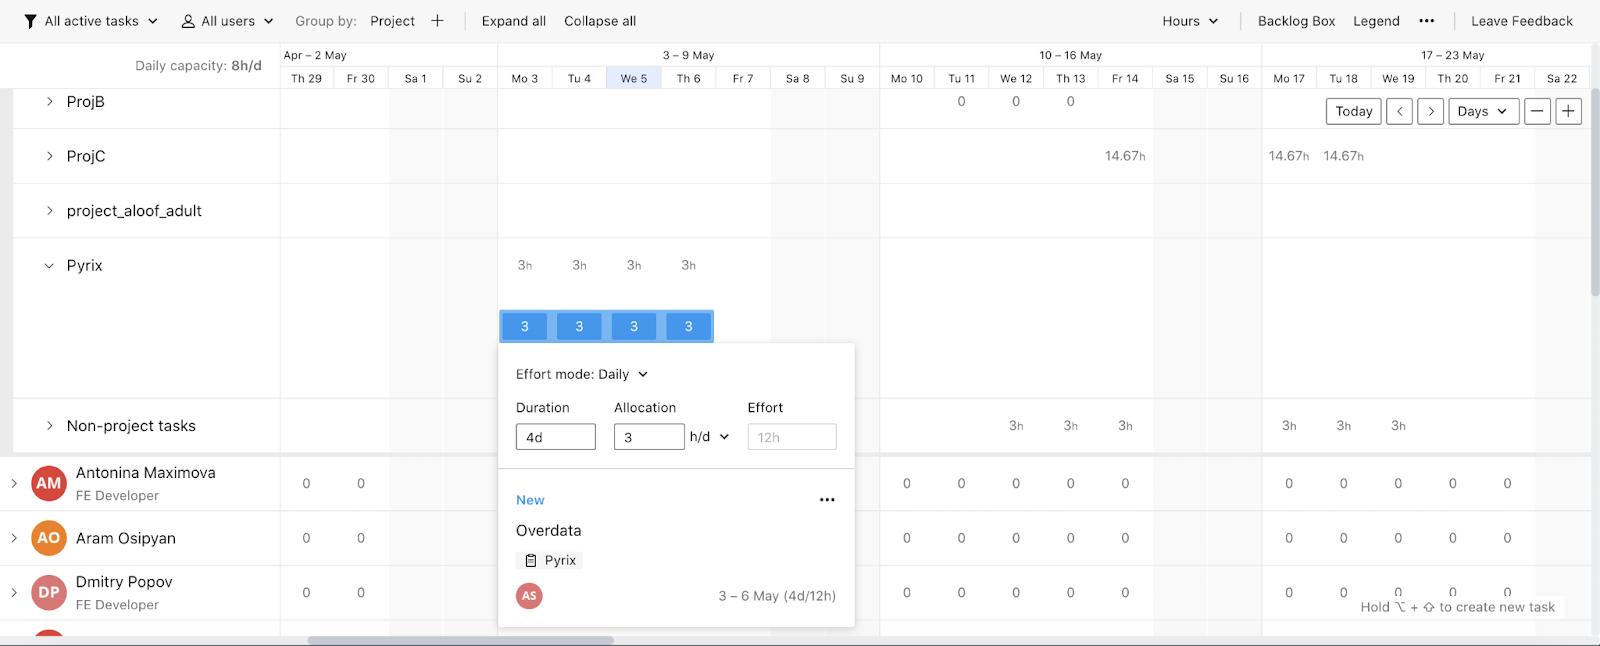 """Синяя горизонтальная полоска — задача. Она запланирована на четыре дня и находится в проекте """"Pyrix"""" одного из пользователей"""